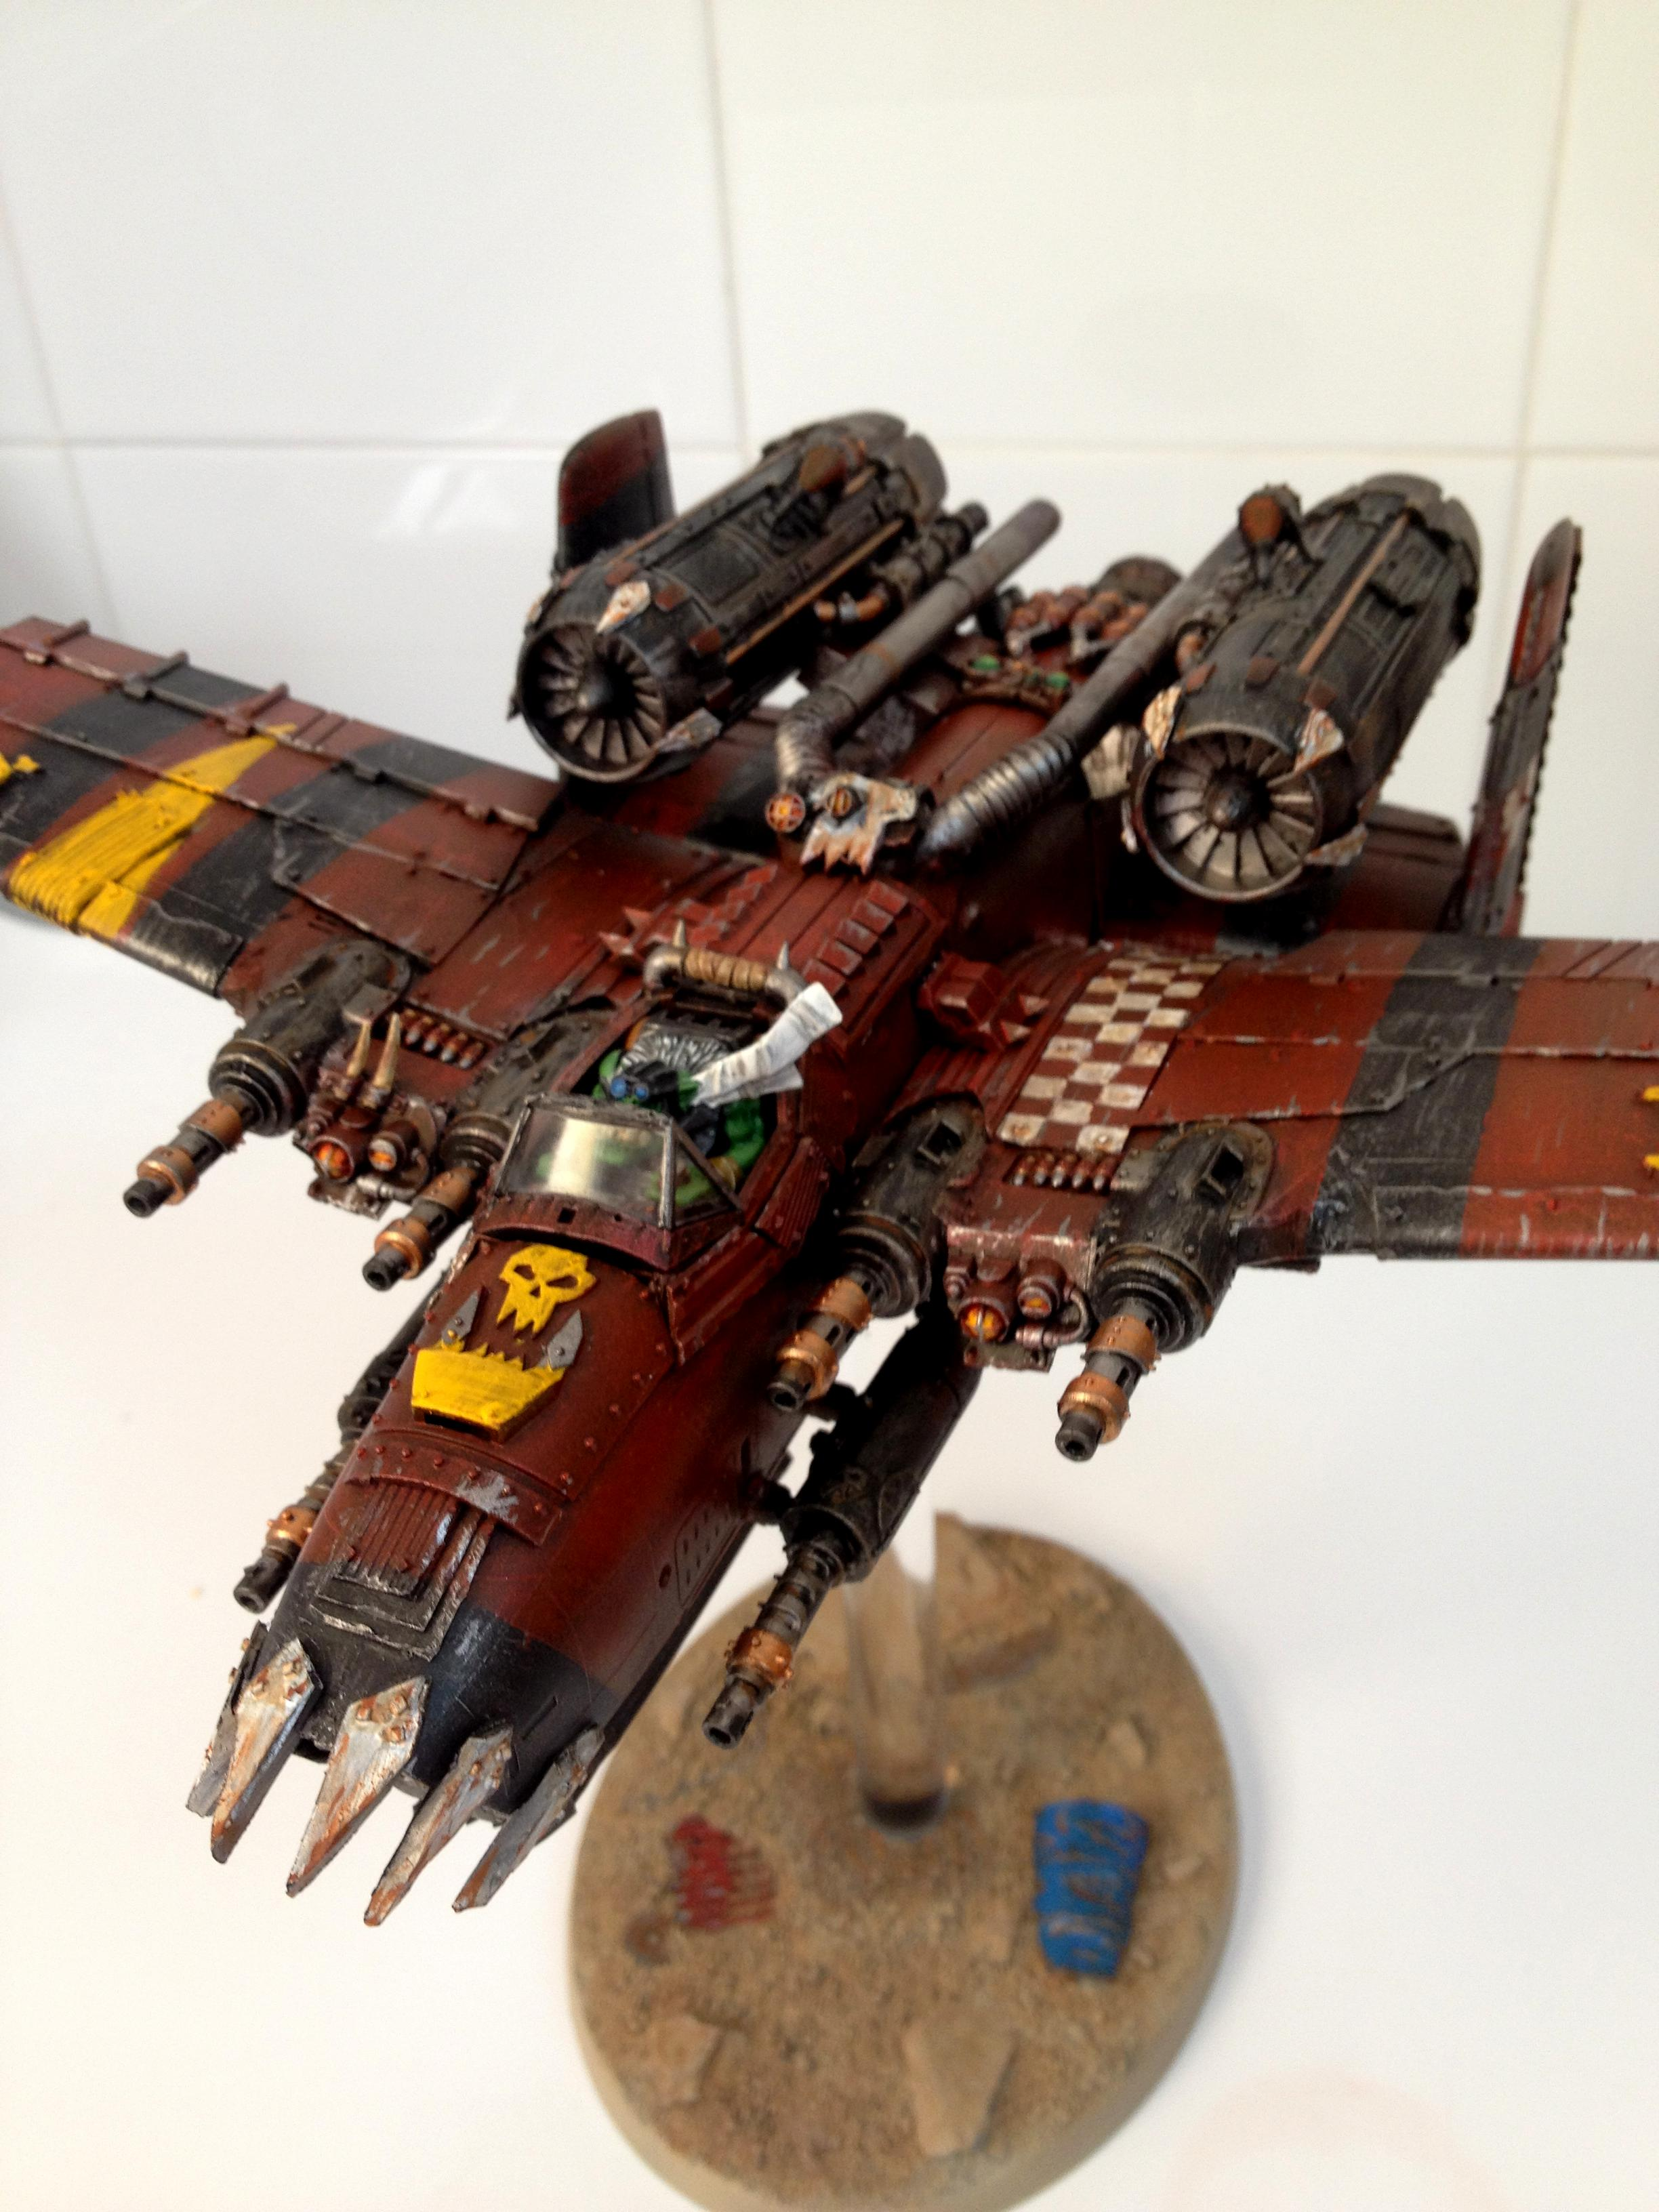 Dakka Dakka, Dakka Jet, Flyer, Jet, Ork A10, Ork Dakka Jet, Orks, Red Paintjob